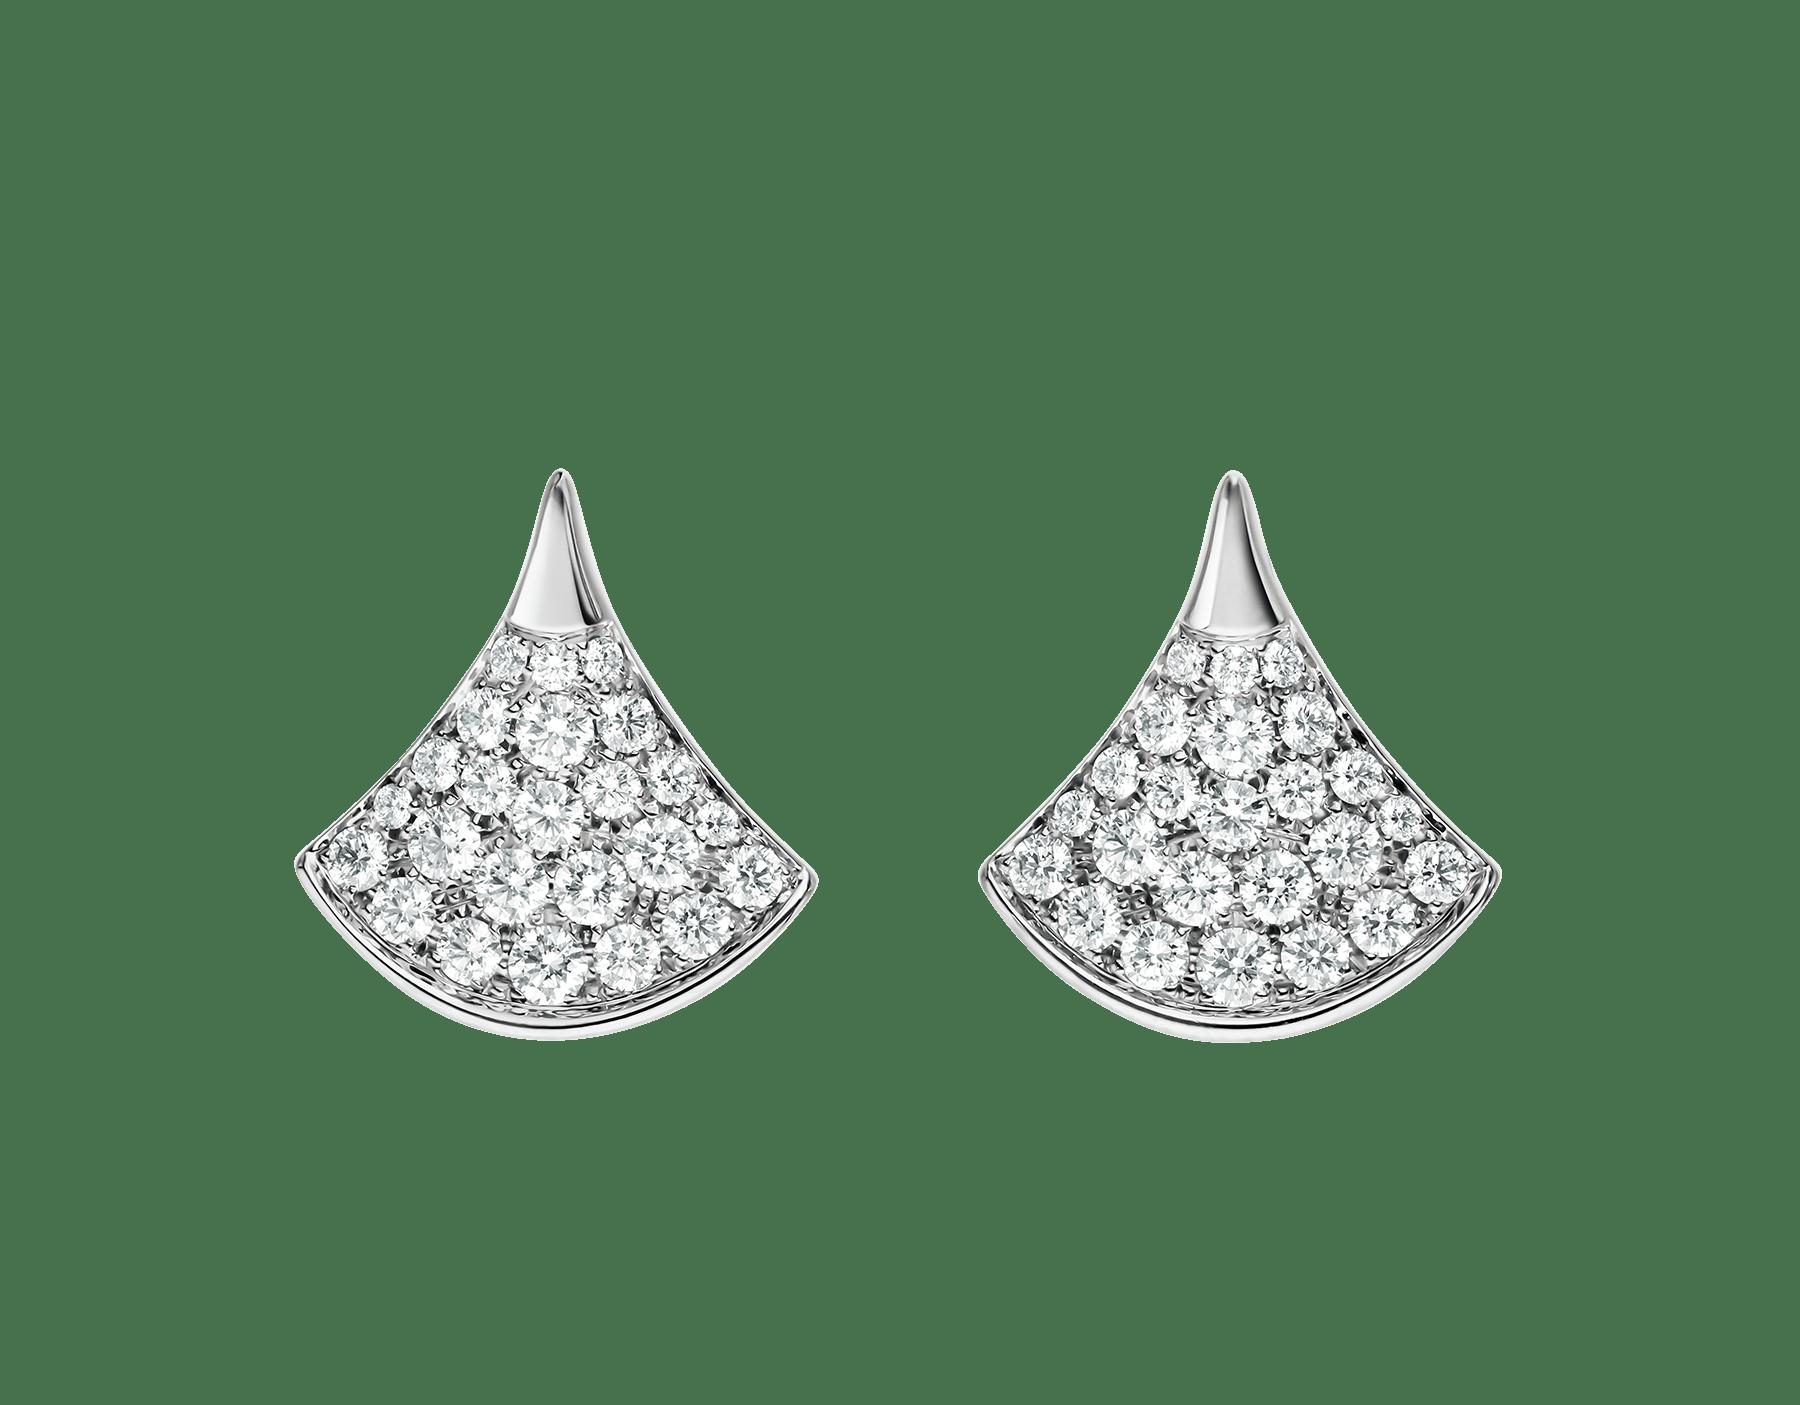 우아한 디자인 속에 담긴 순수함과 파베 다이아몬드와 화이트 골드의 시간을 뛰어넘는 클래식한 매력으로 찬란하게 빛나는 디바스 드림 이어링은 모든 디바가 간직한 격조 높은 우아함을 표현합니다. 352602 image 1